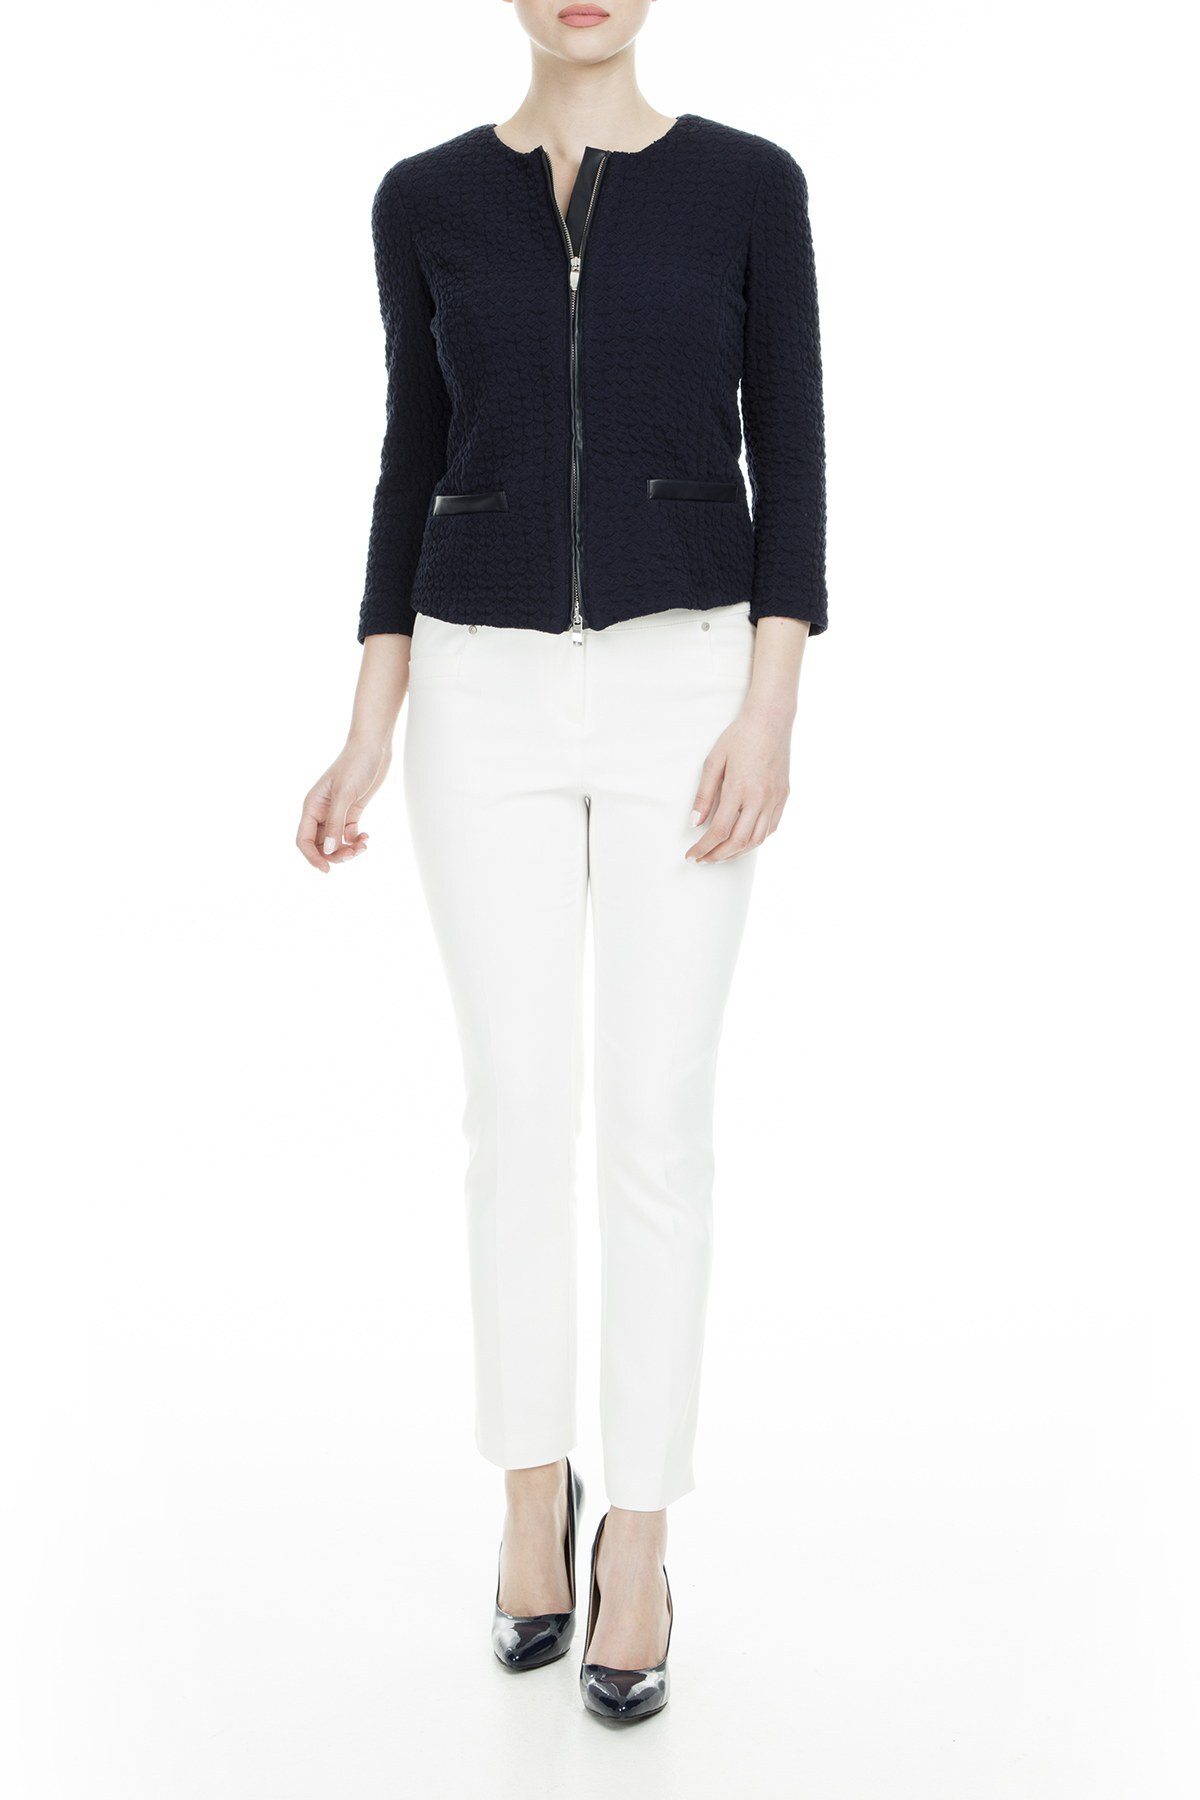 Armani Jeans Kadın Ceket C5N84V UC5E LACİVERT